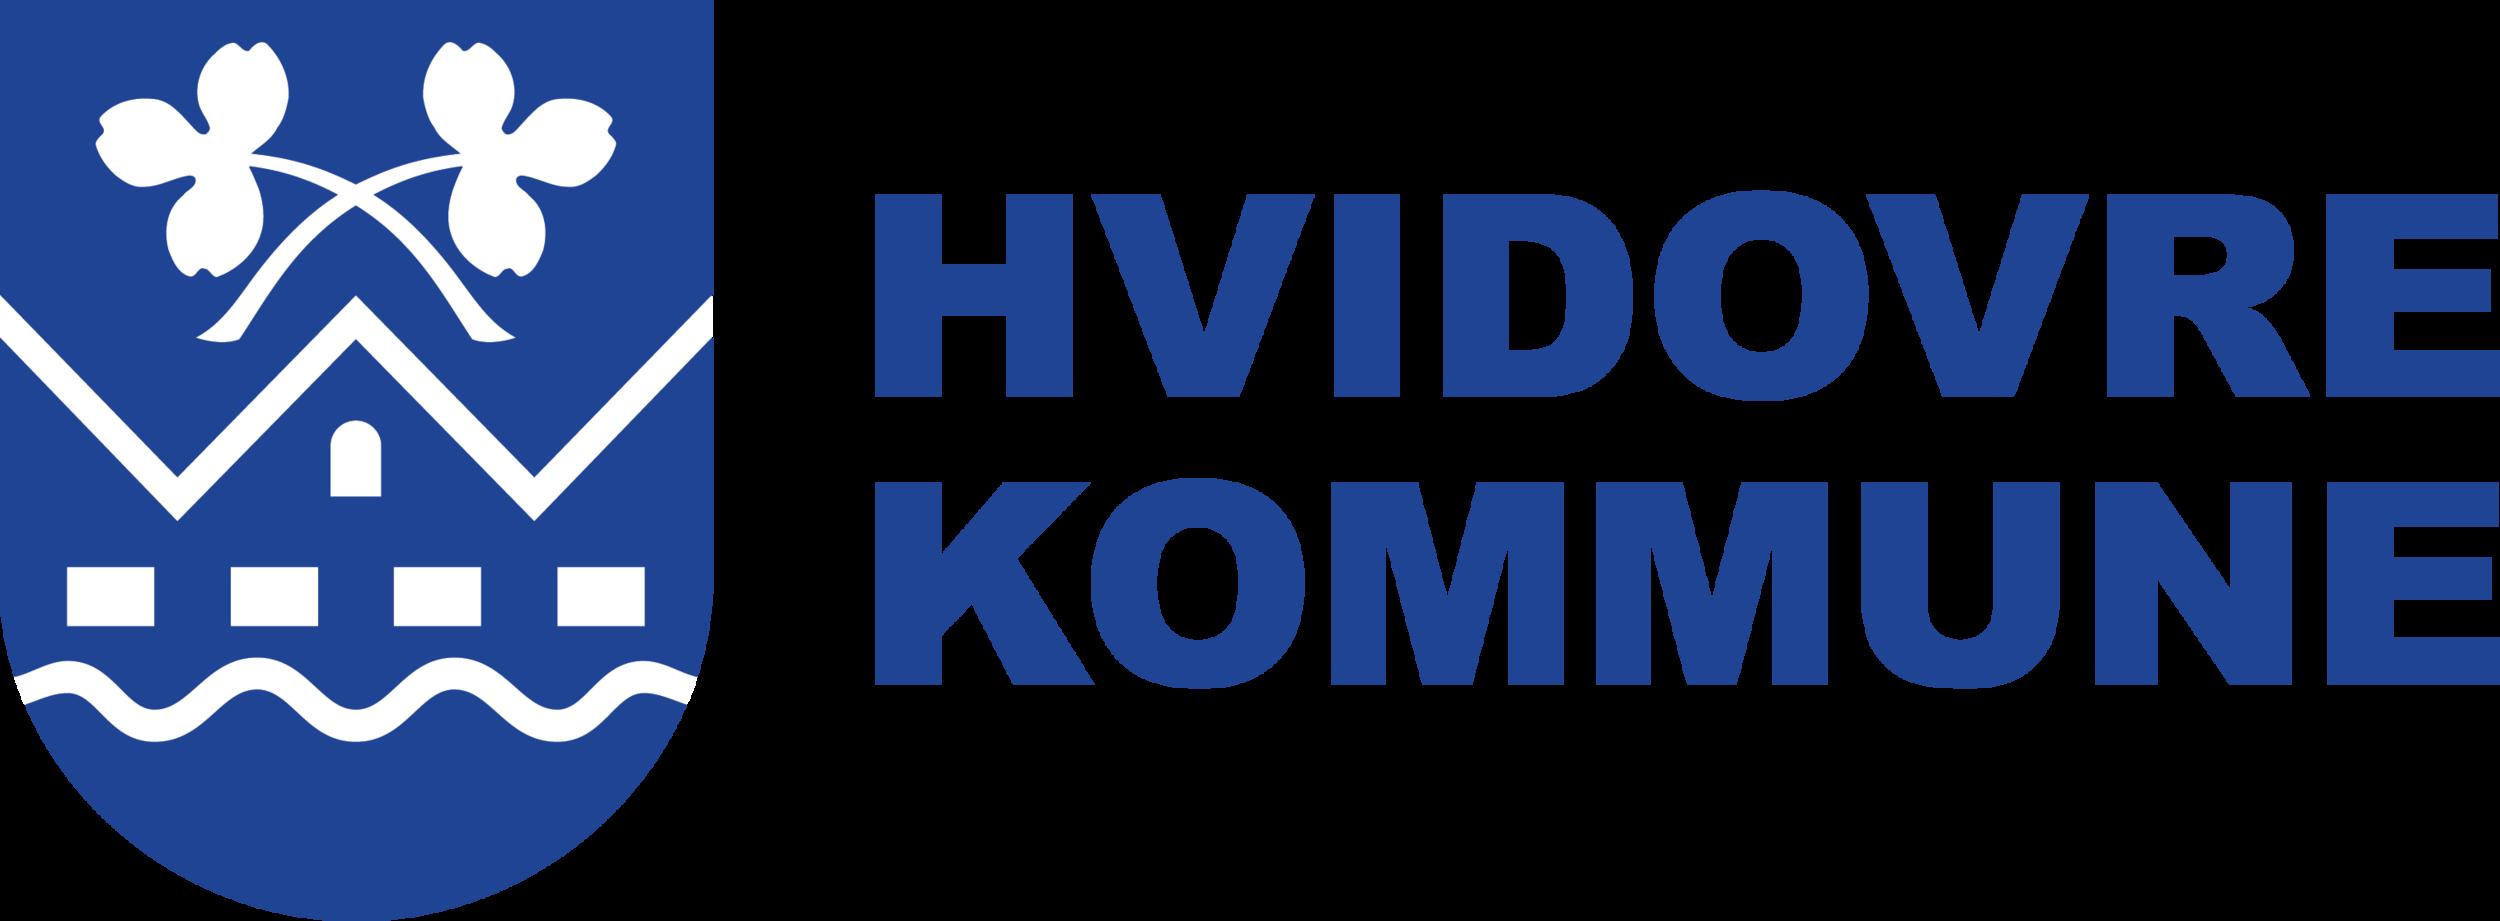 Hvidovre kommune_logo.png